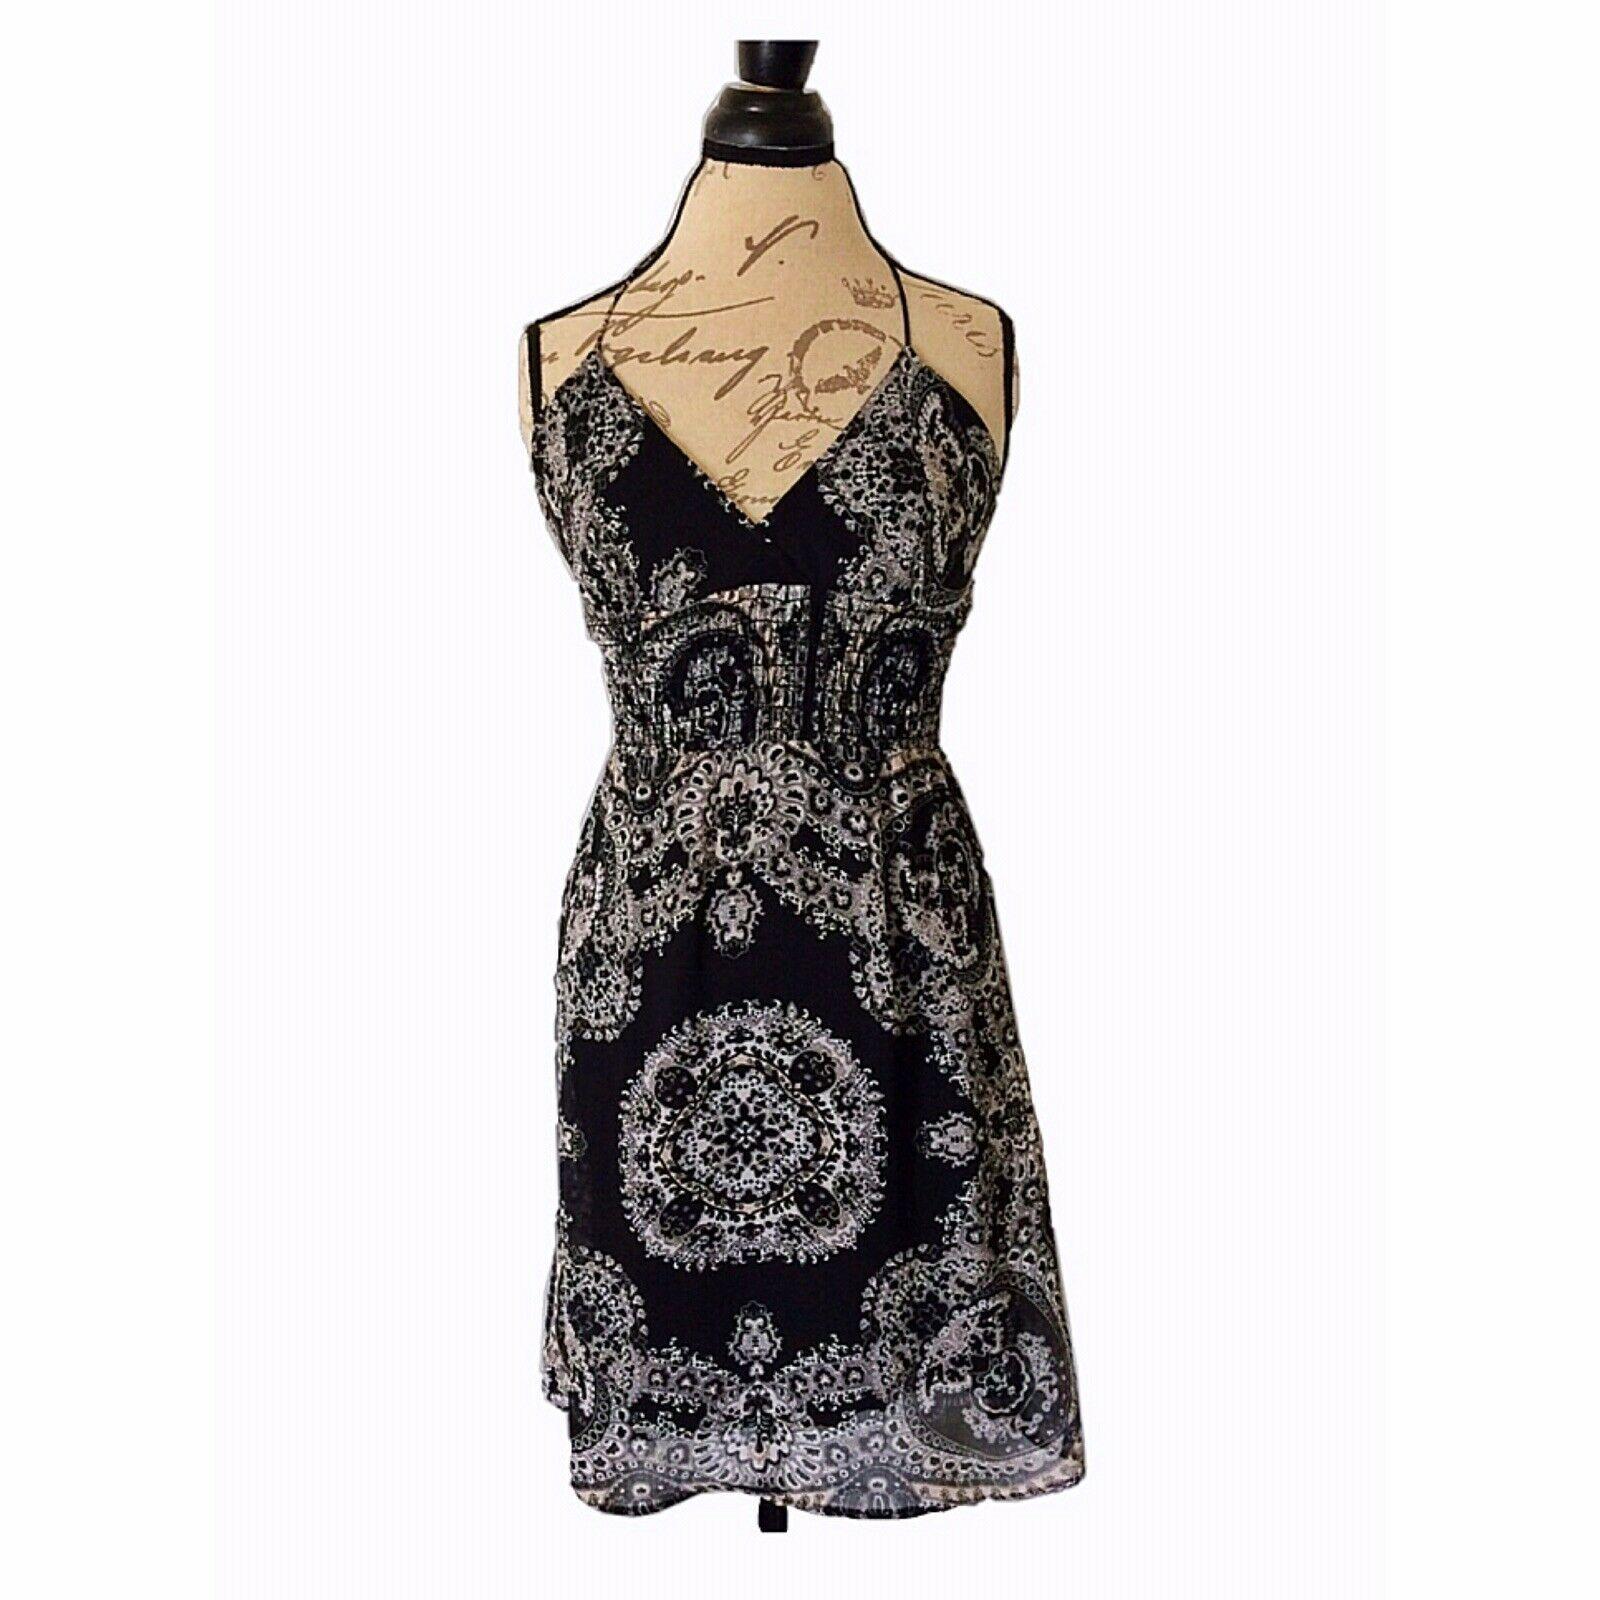 Love Tease Dress Size 5 Halter Sundress Black White Stretch Sheer Short Womens Sundress Shop For Sundress For Ideas Halter Sundress Sundress Sheer Shorts [ 1600 x 1600 Pixel ]